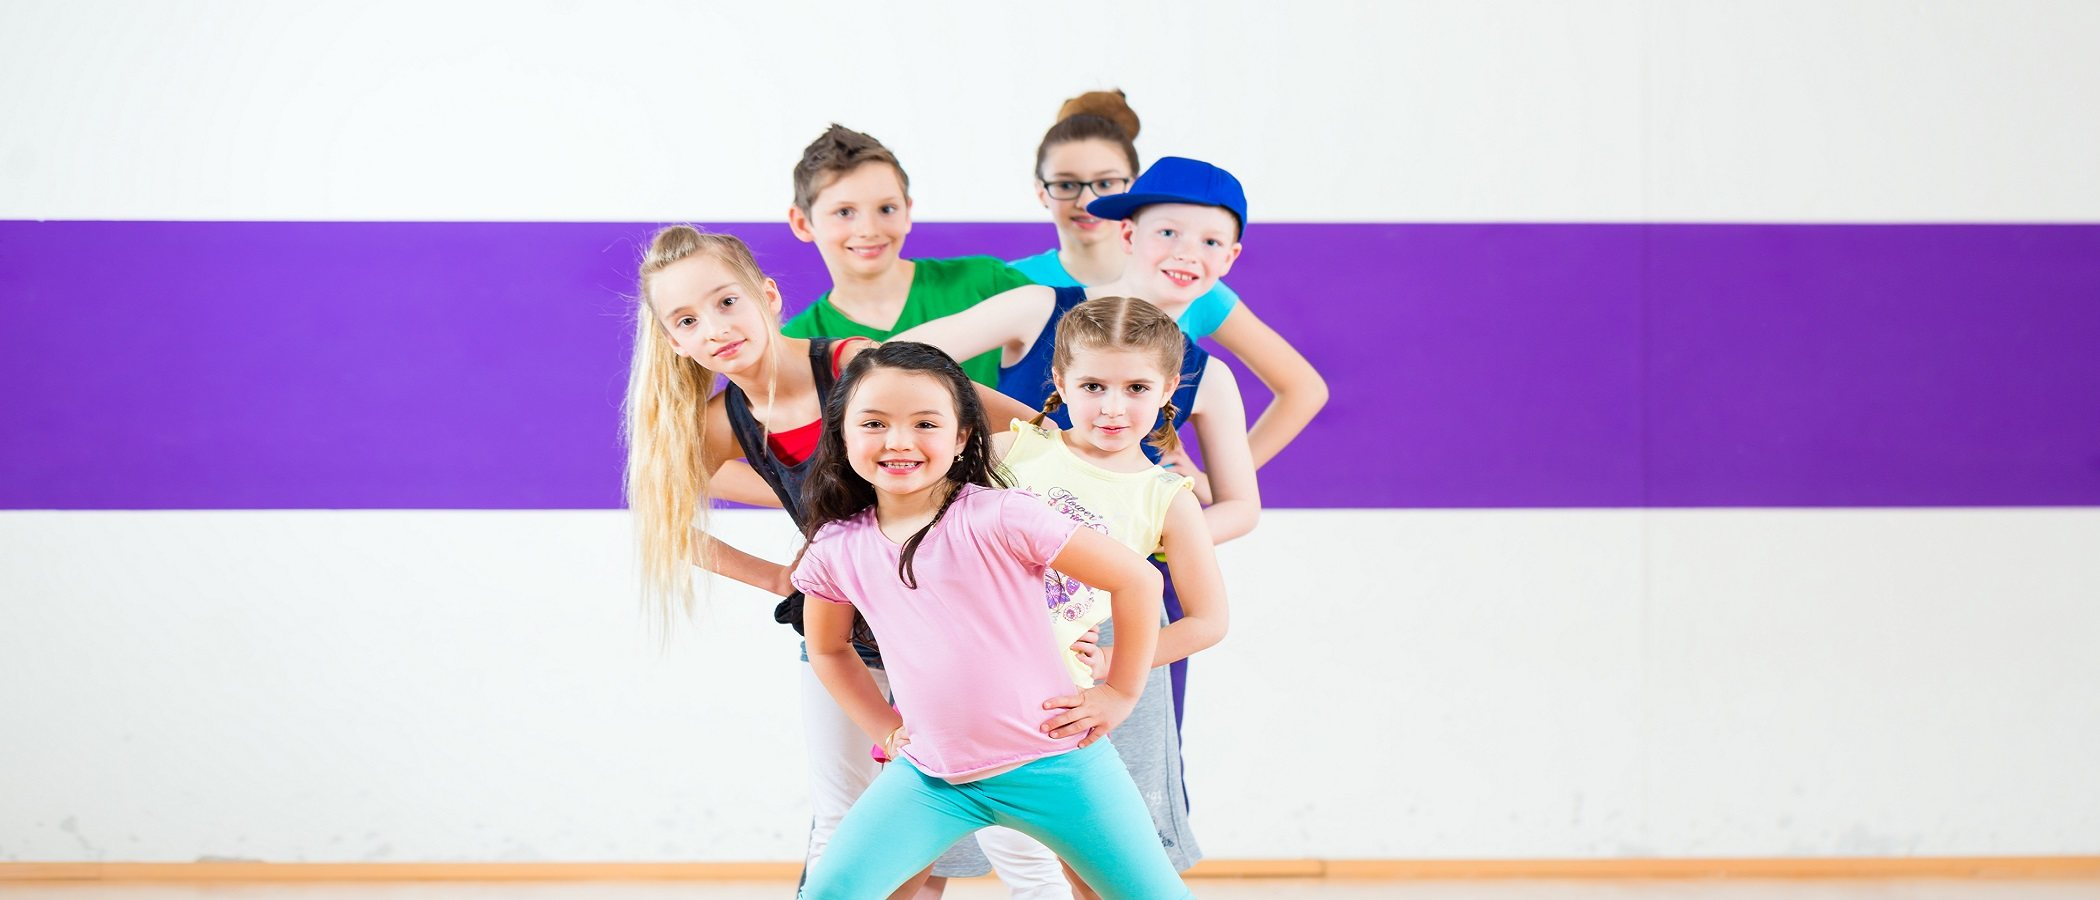 Actividades y ejercicios para hacer con niños durante el confinamiento